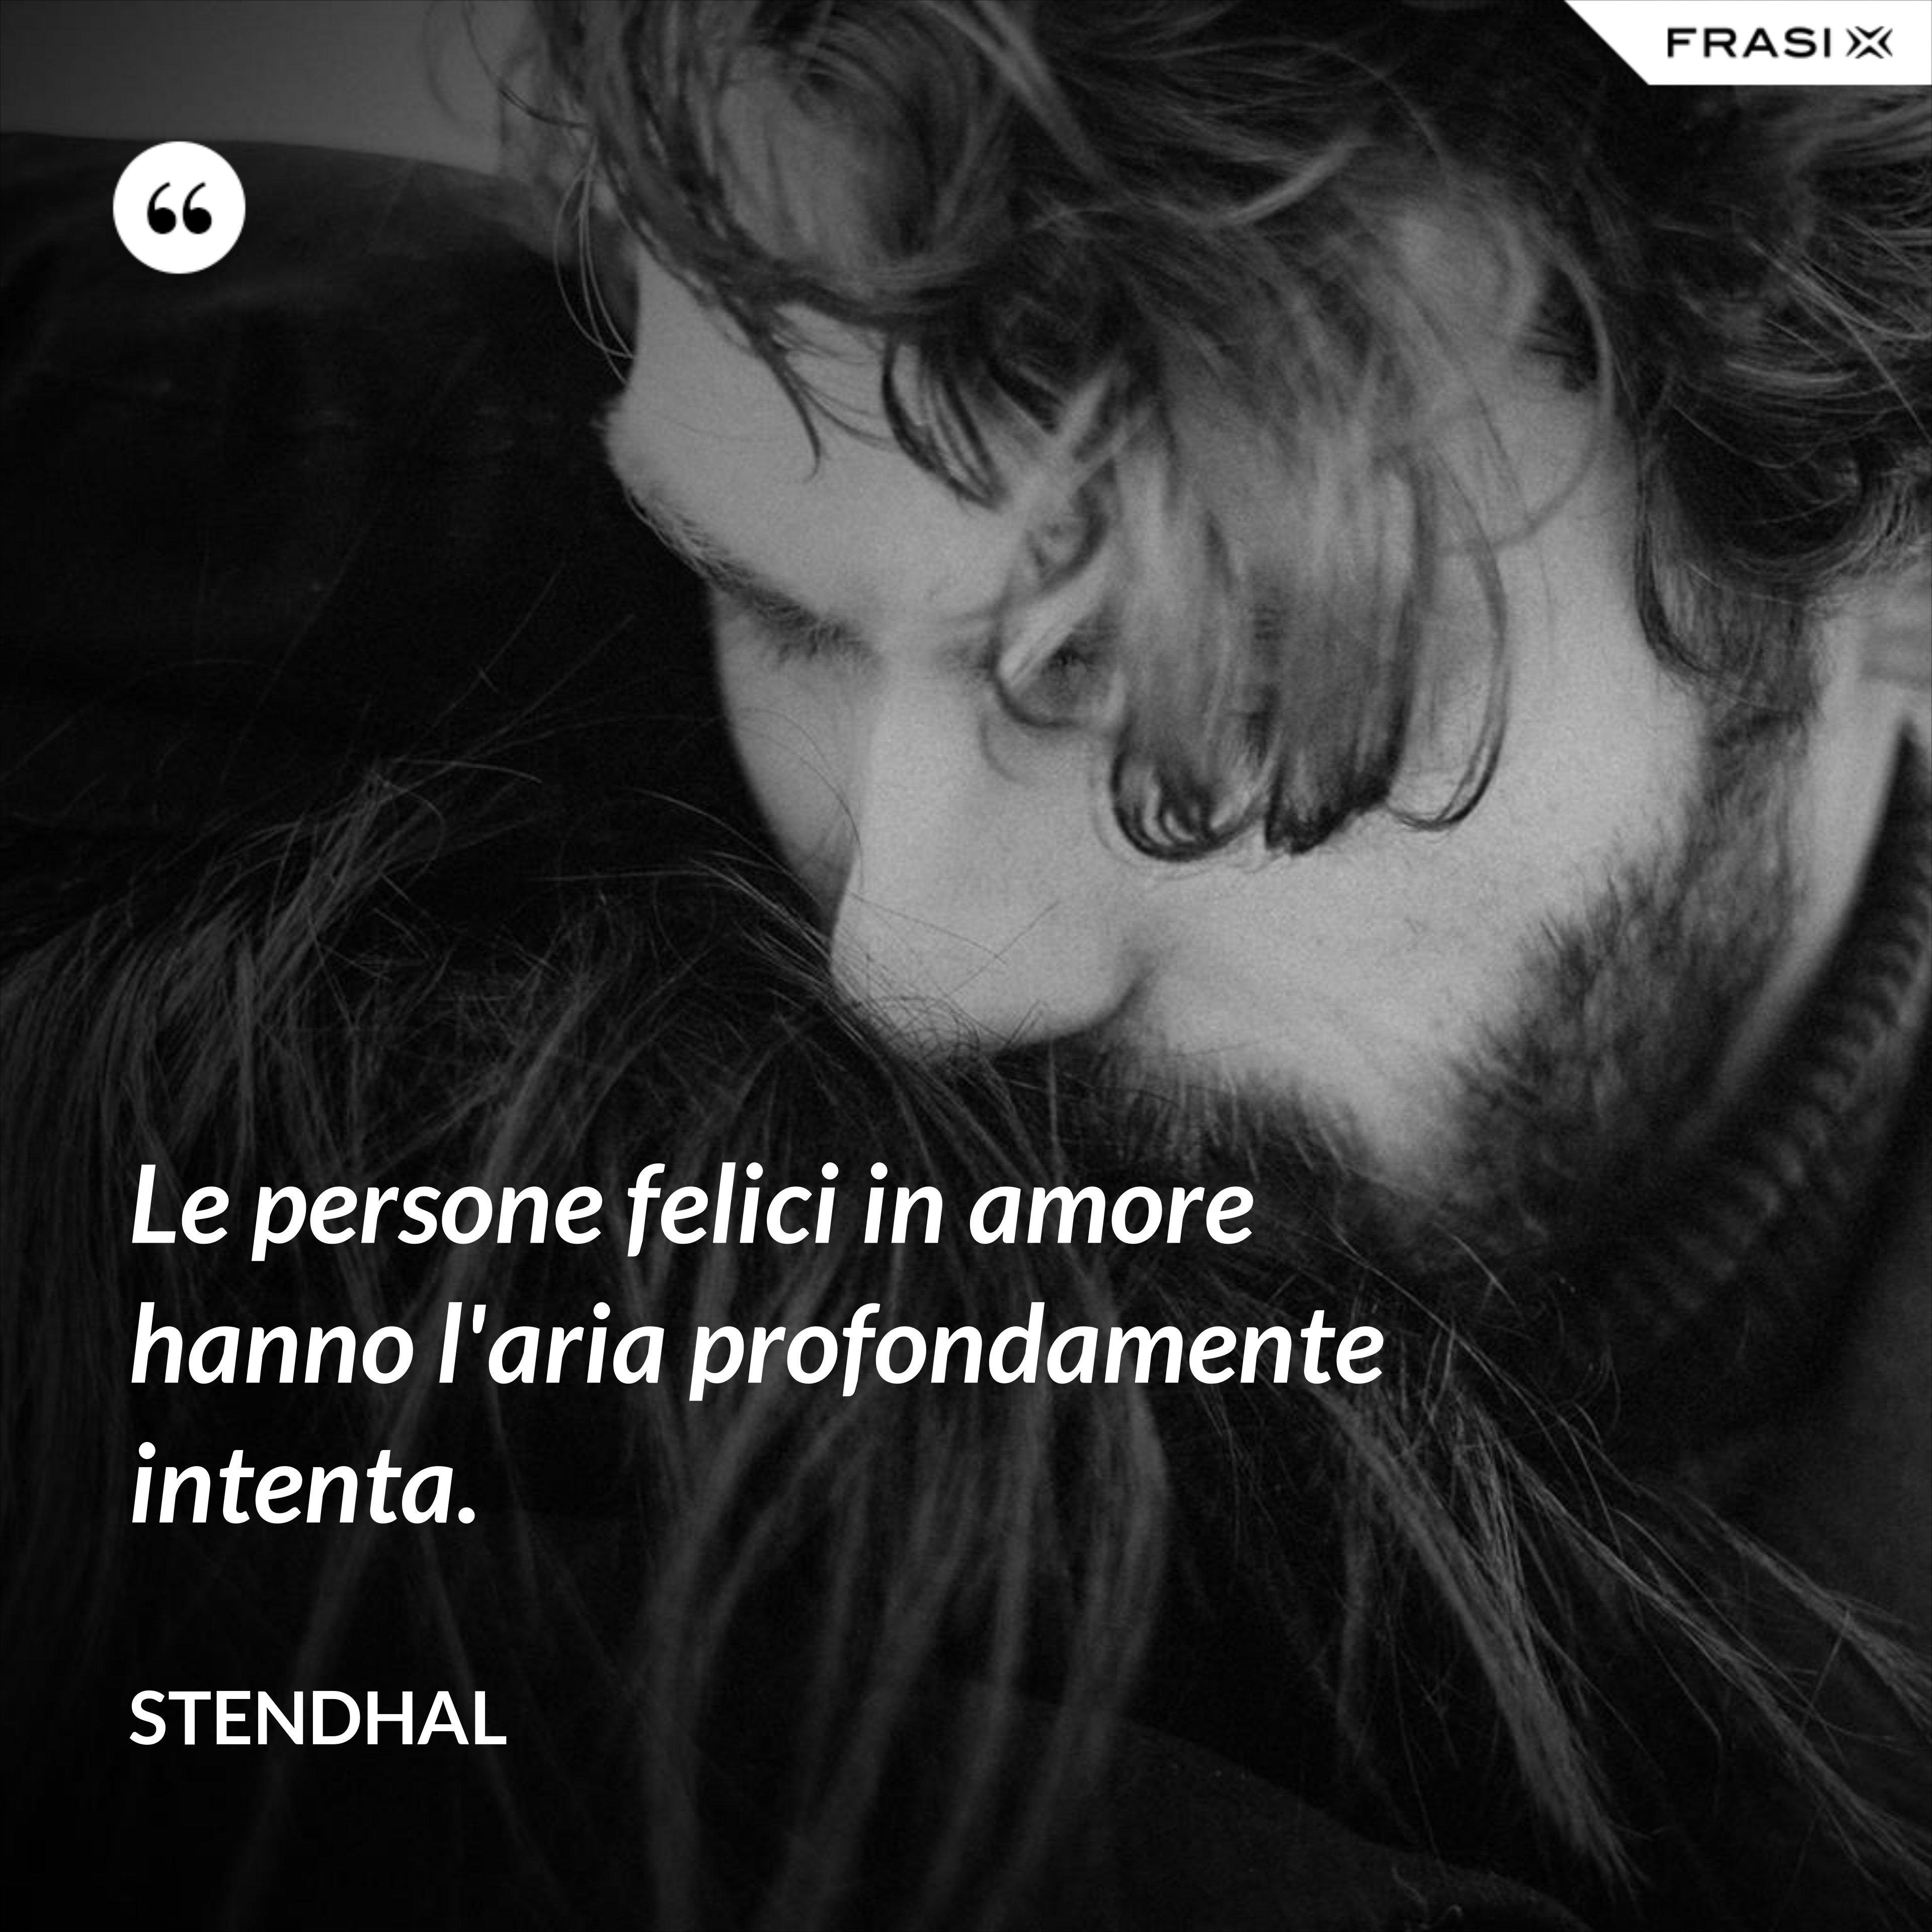 Le persone felici in amore hanno l'aria profondamente intenta. - Stendhal